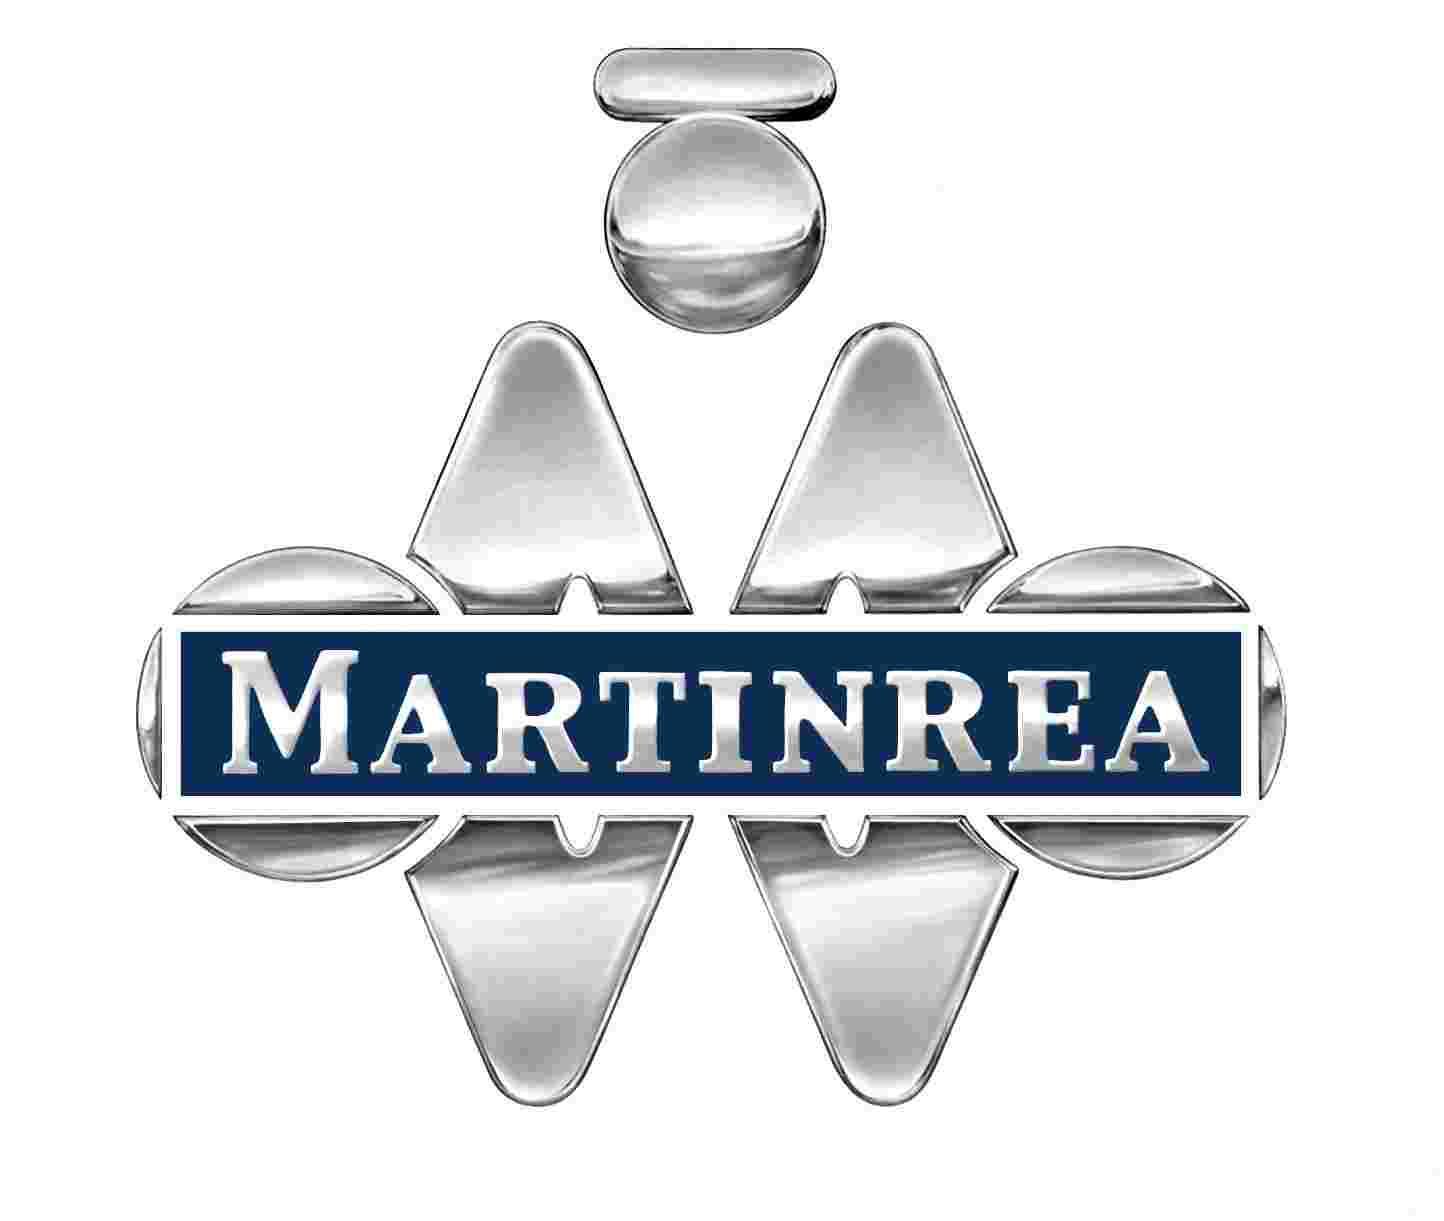 Martinrea Automotive Structures